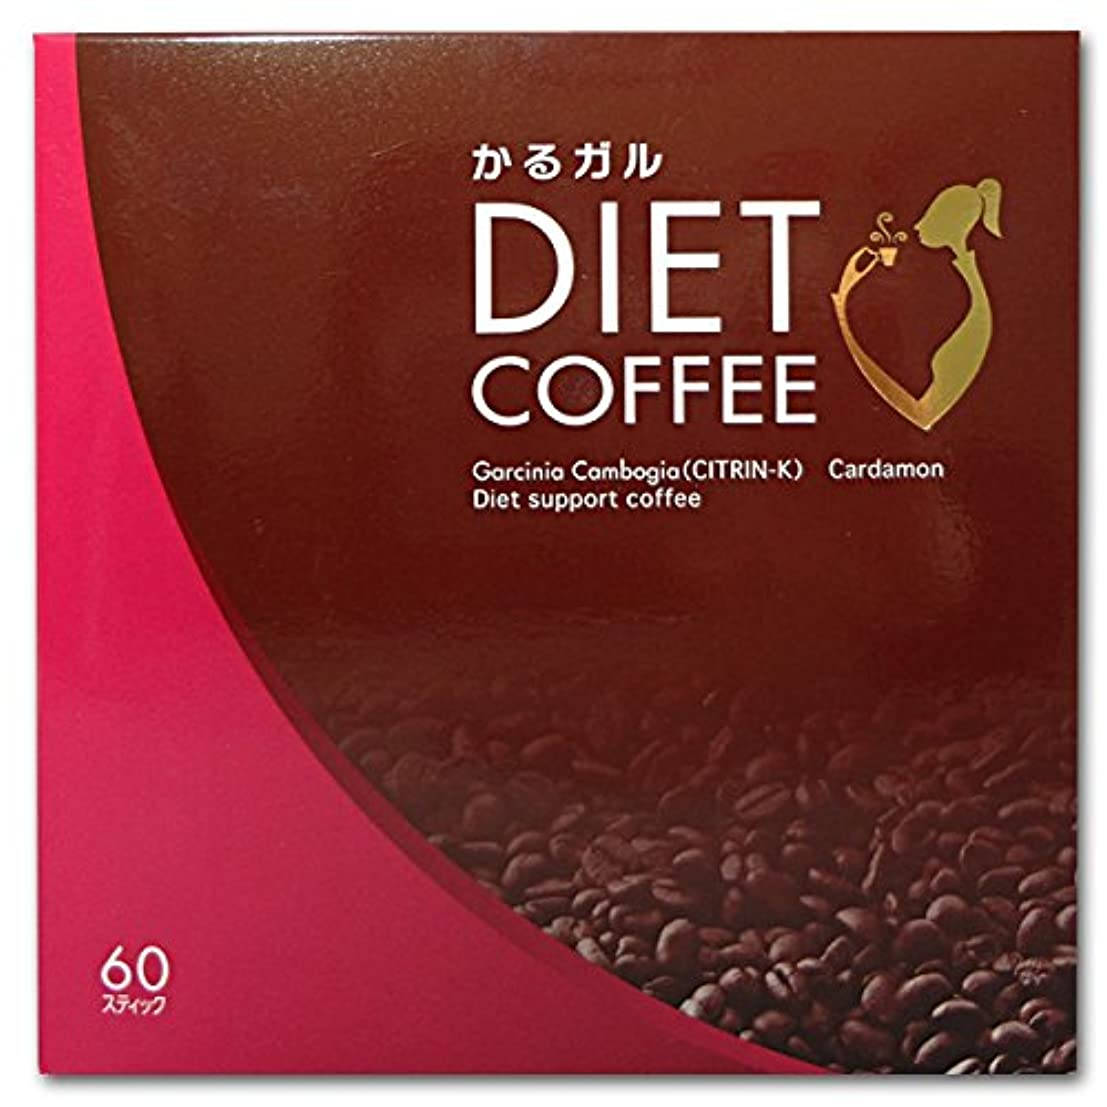 とんでもない観客委任エル?エスコーポレーション カルがるDIET COFFEE(ダイエットコーヒー) 60袋